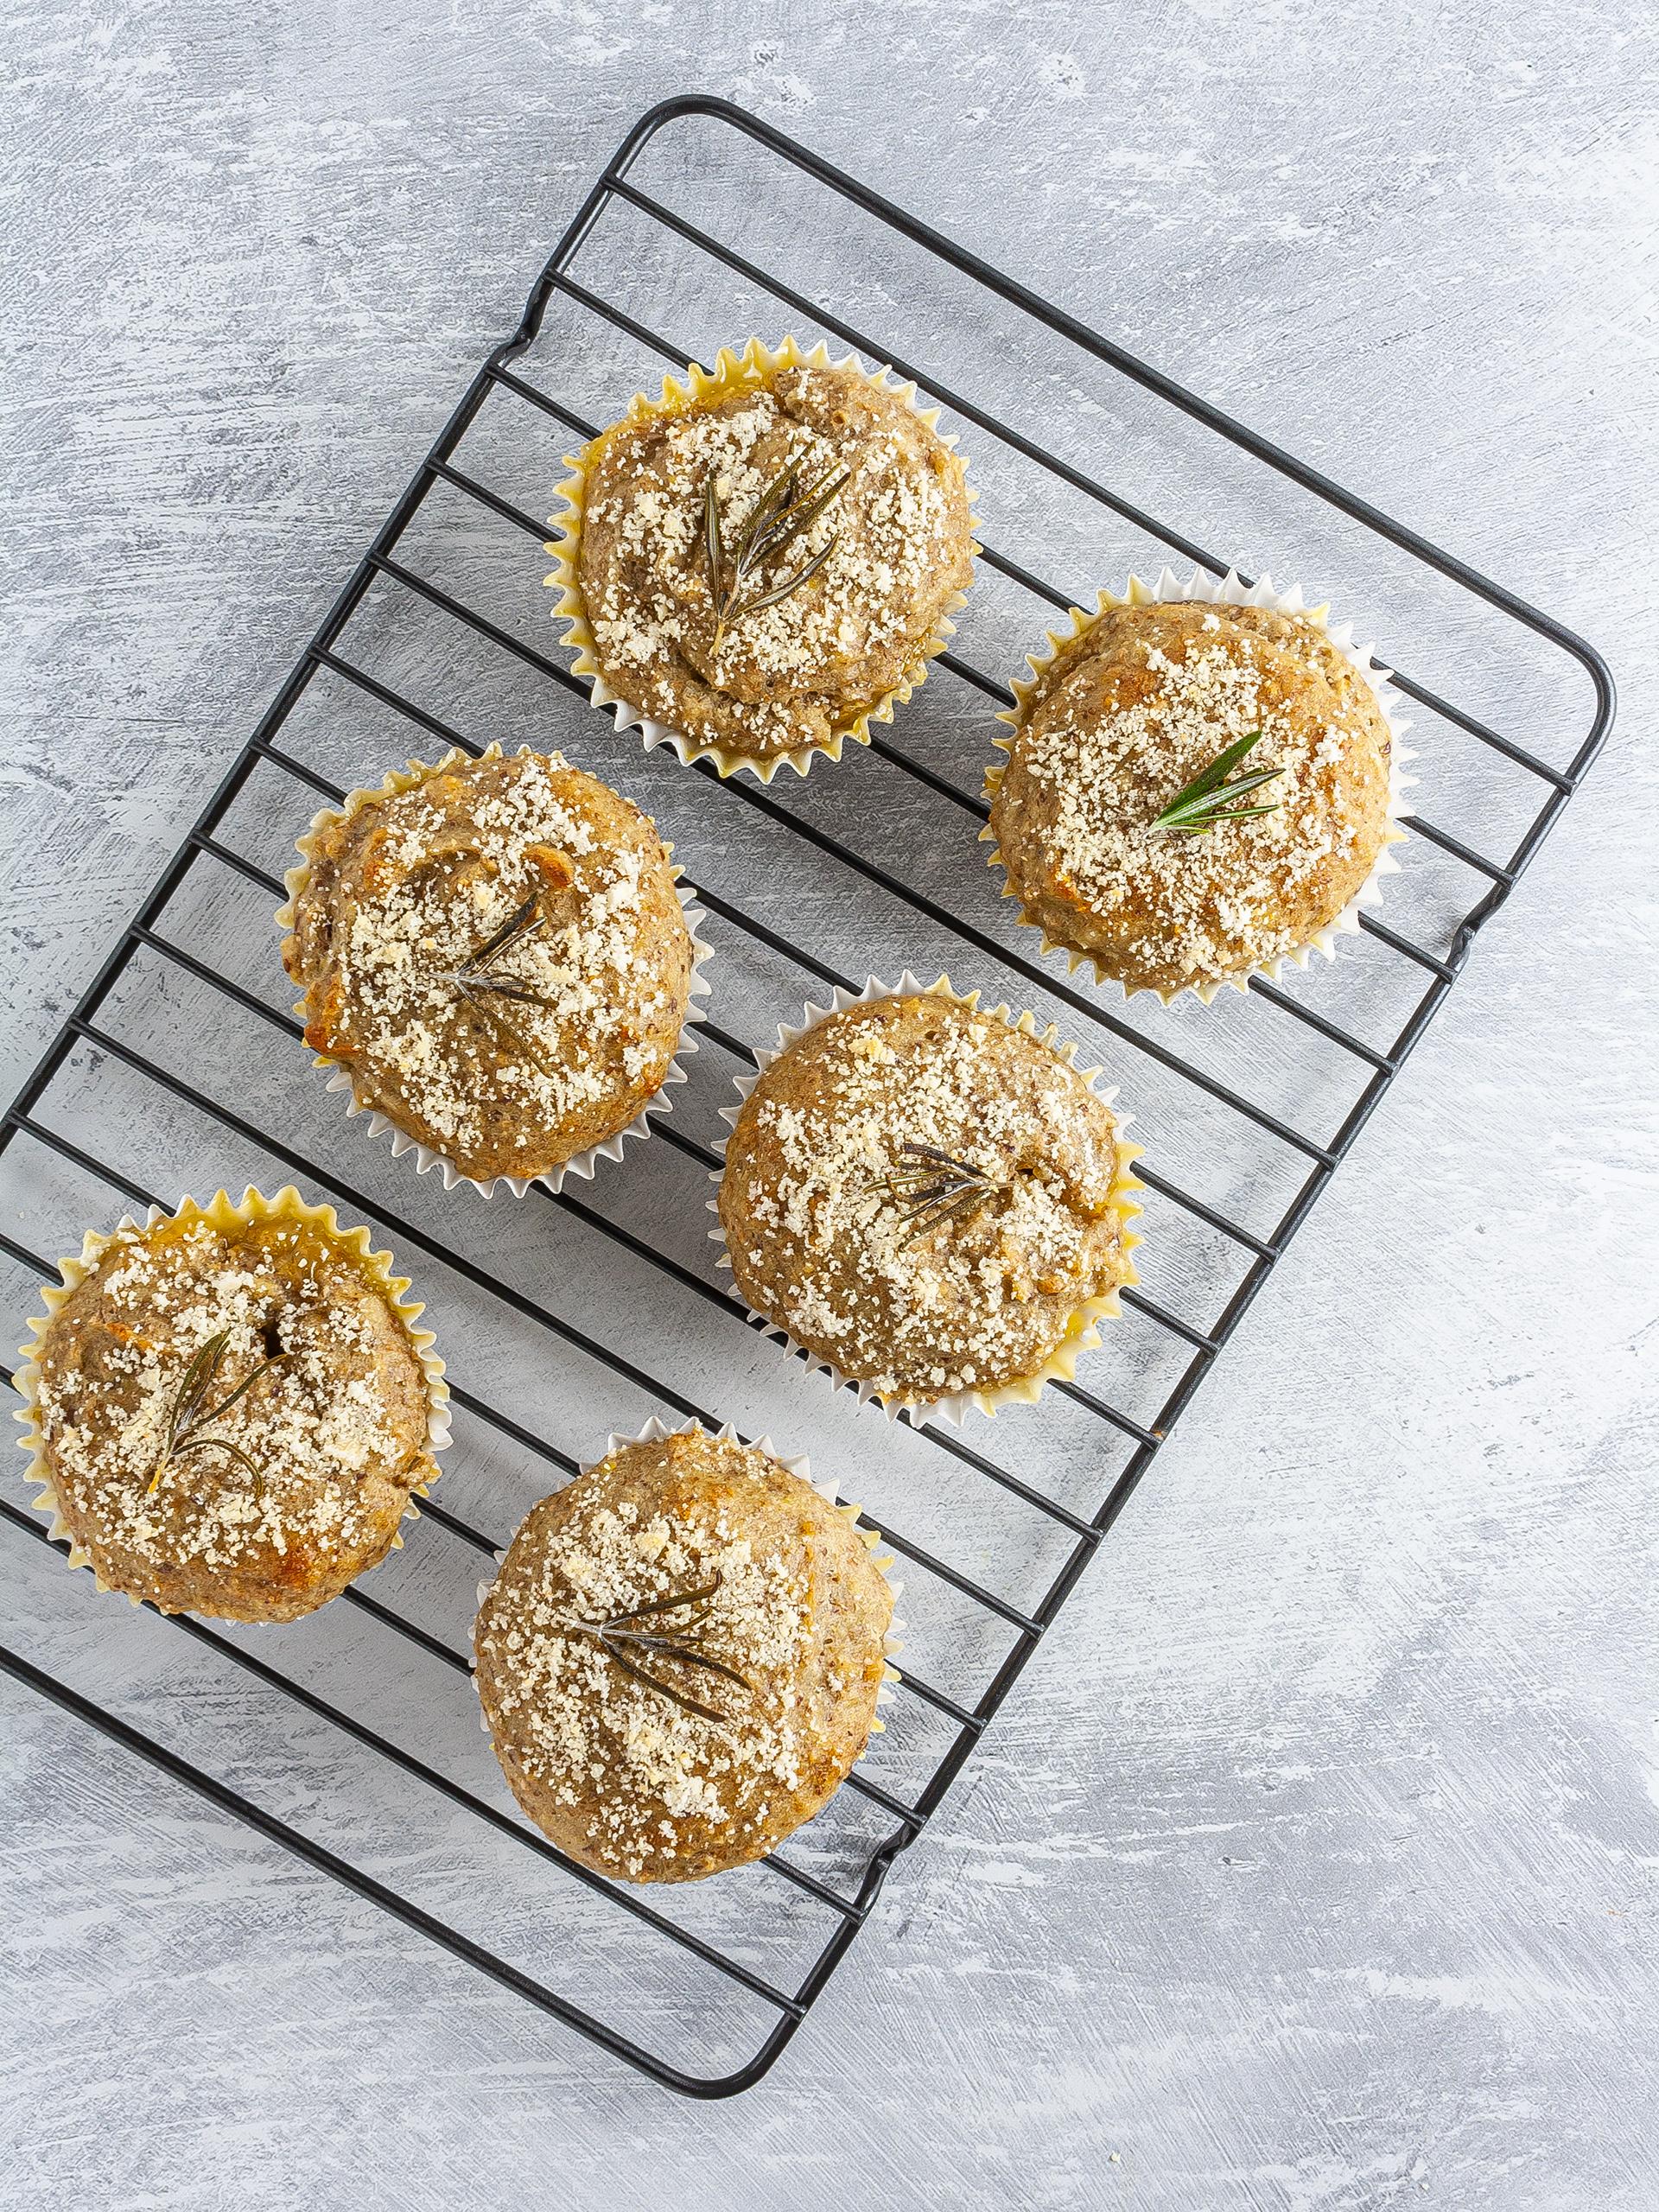 Baked lemon rosemary muffins